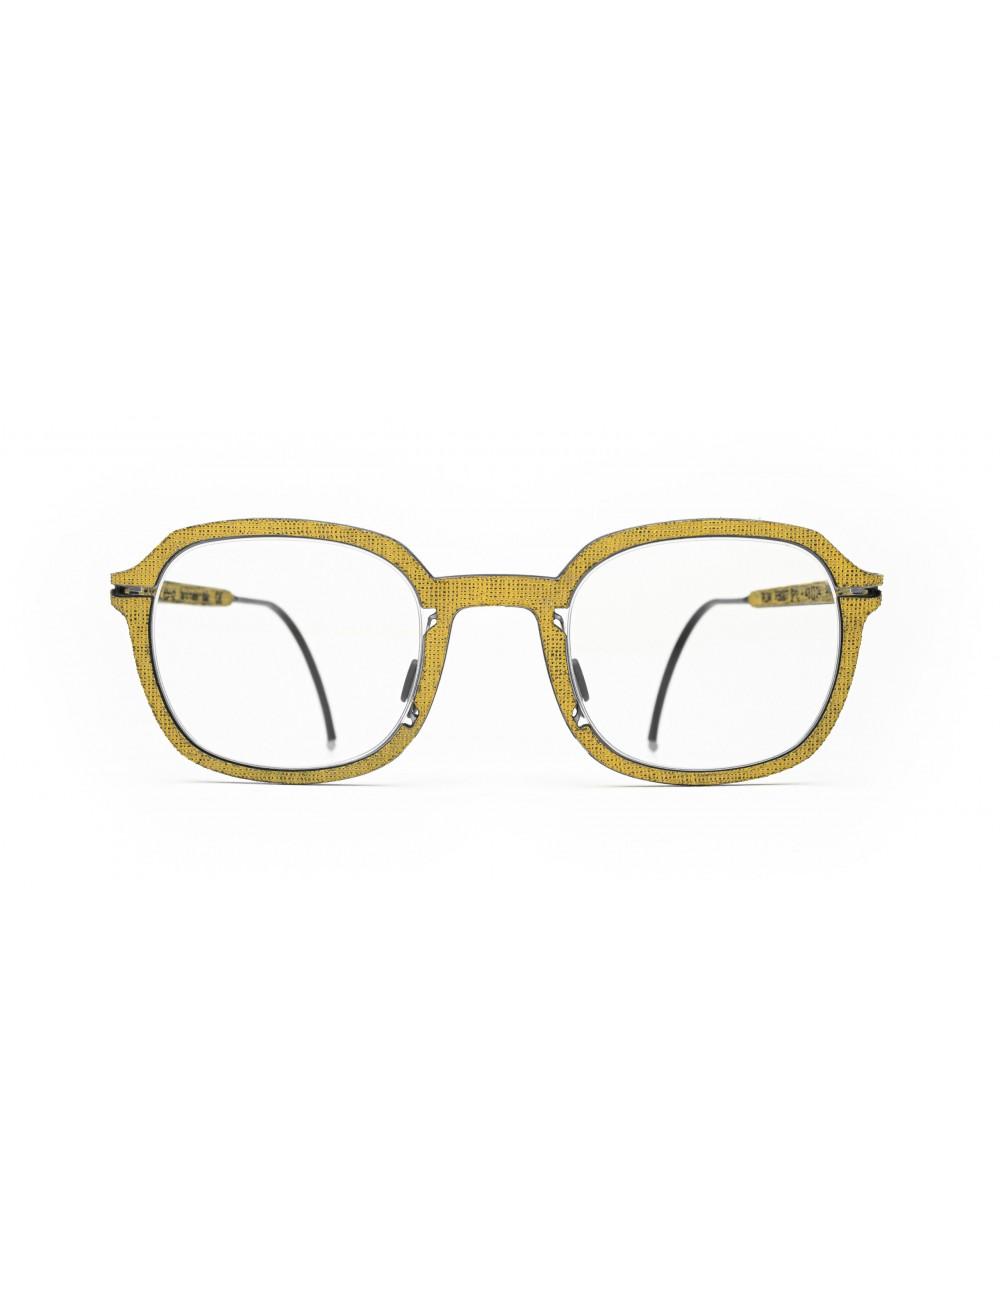 Hapter Hapter Pl04 rb007  EyewearShop Online